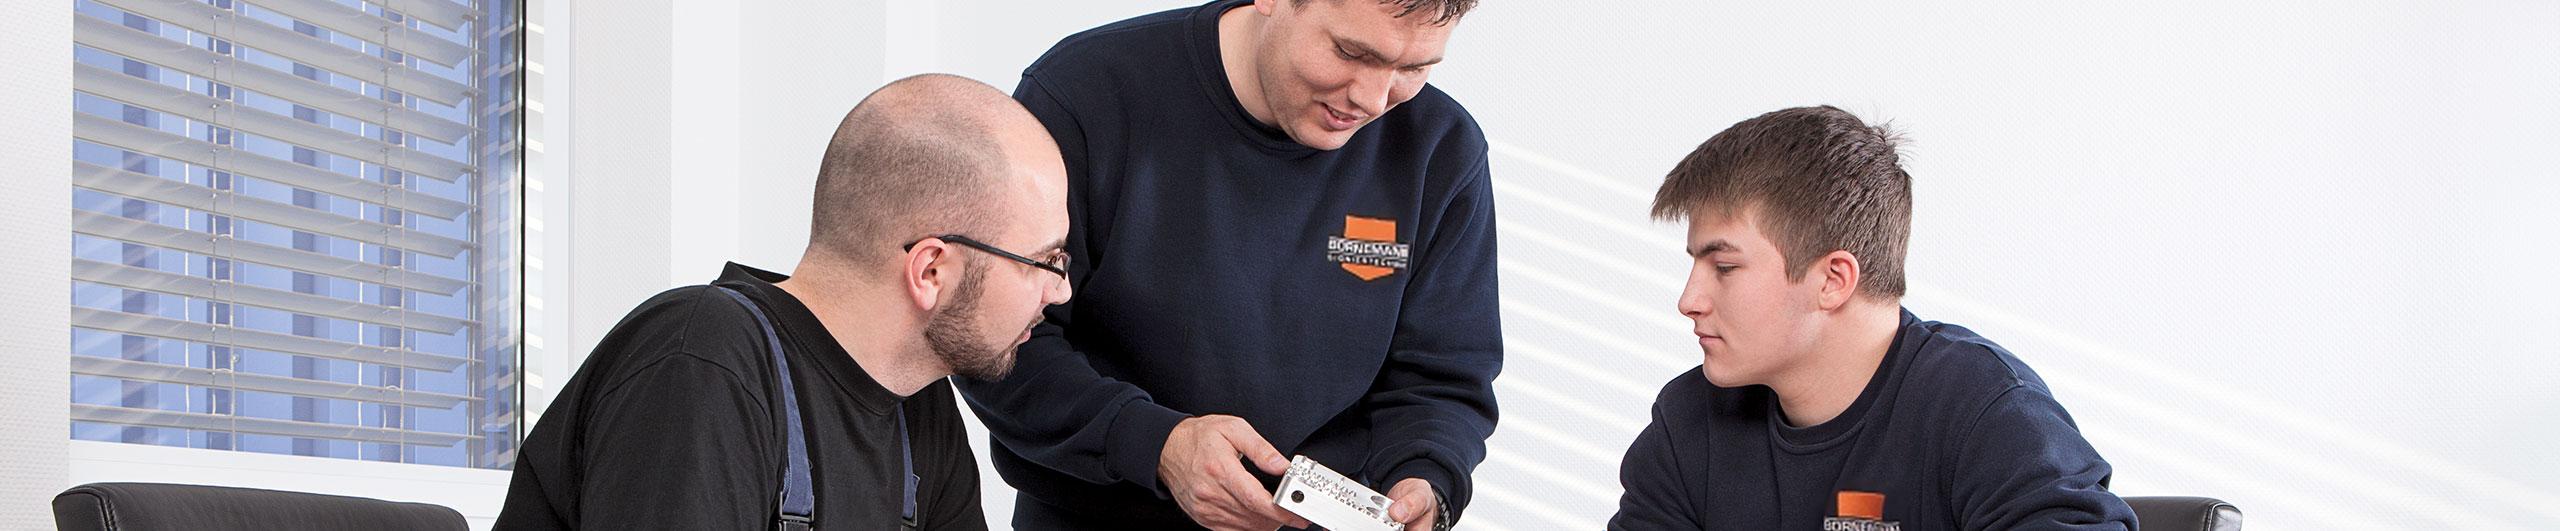 Ausbildung Bornemann GmbH